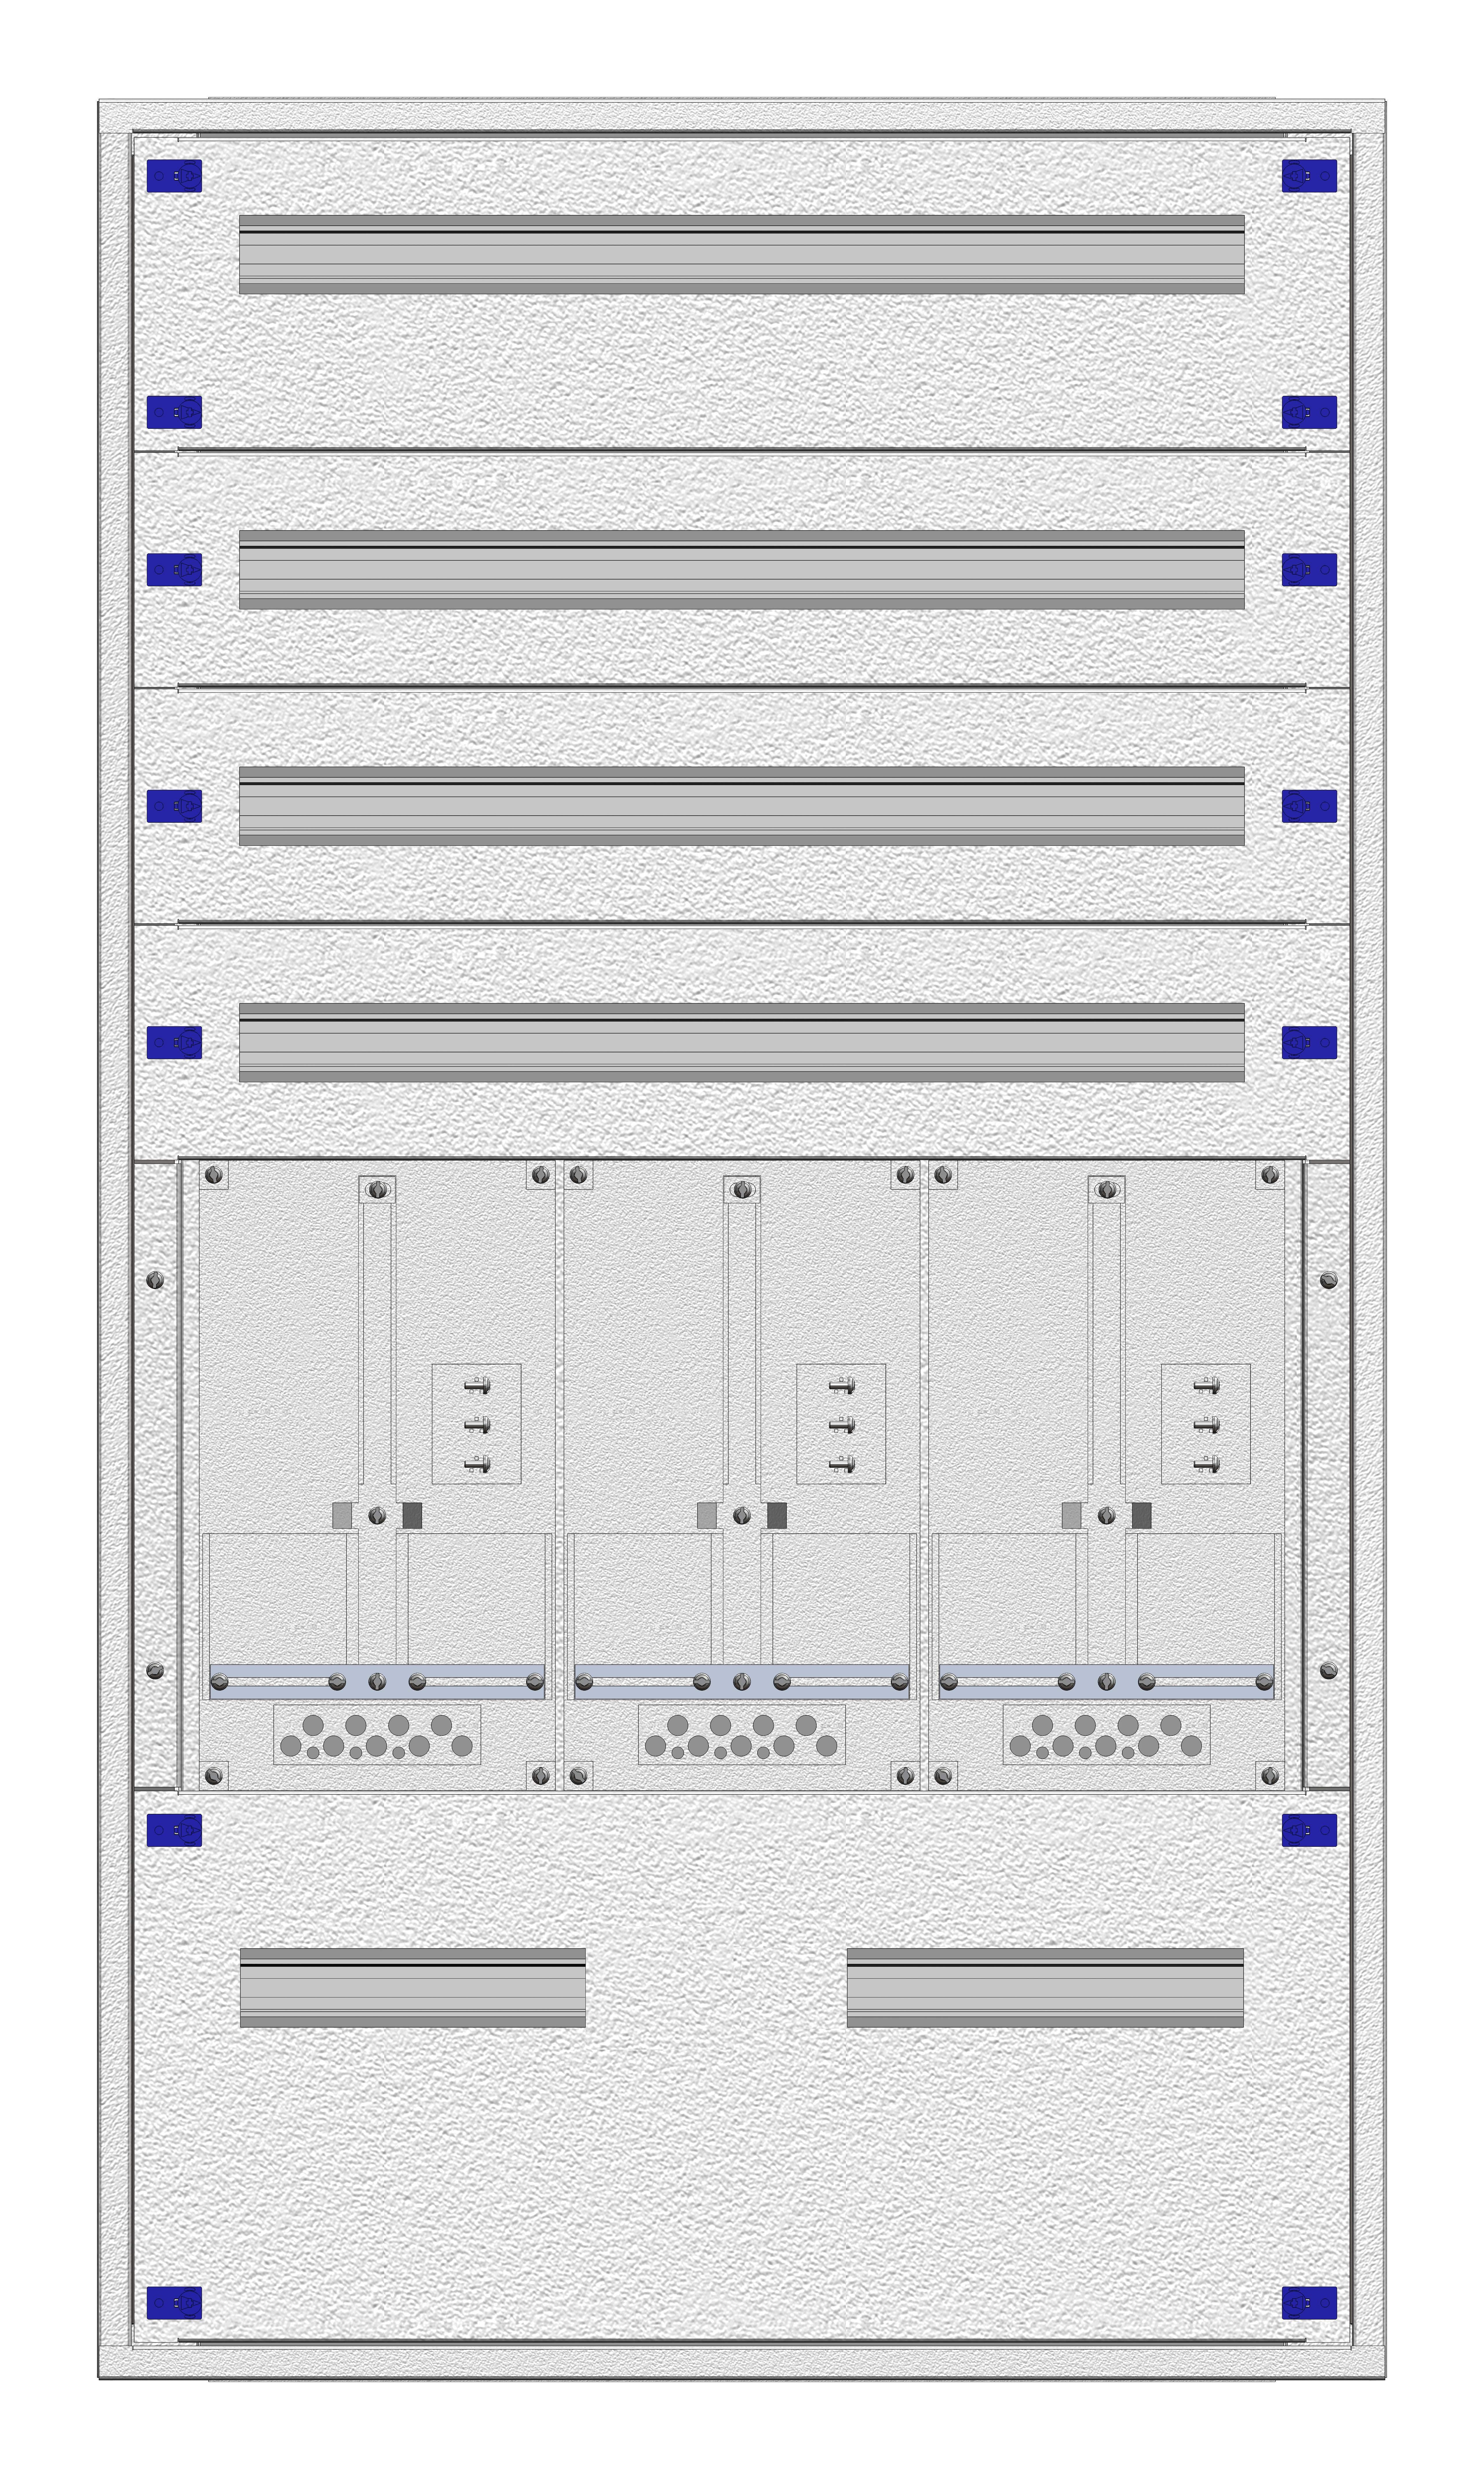 1 Stk Eco-UP-Verteiler 3U28 + Mauerwanne OÖ/SBG RAL9016 IL864328-3